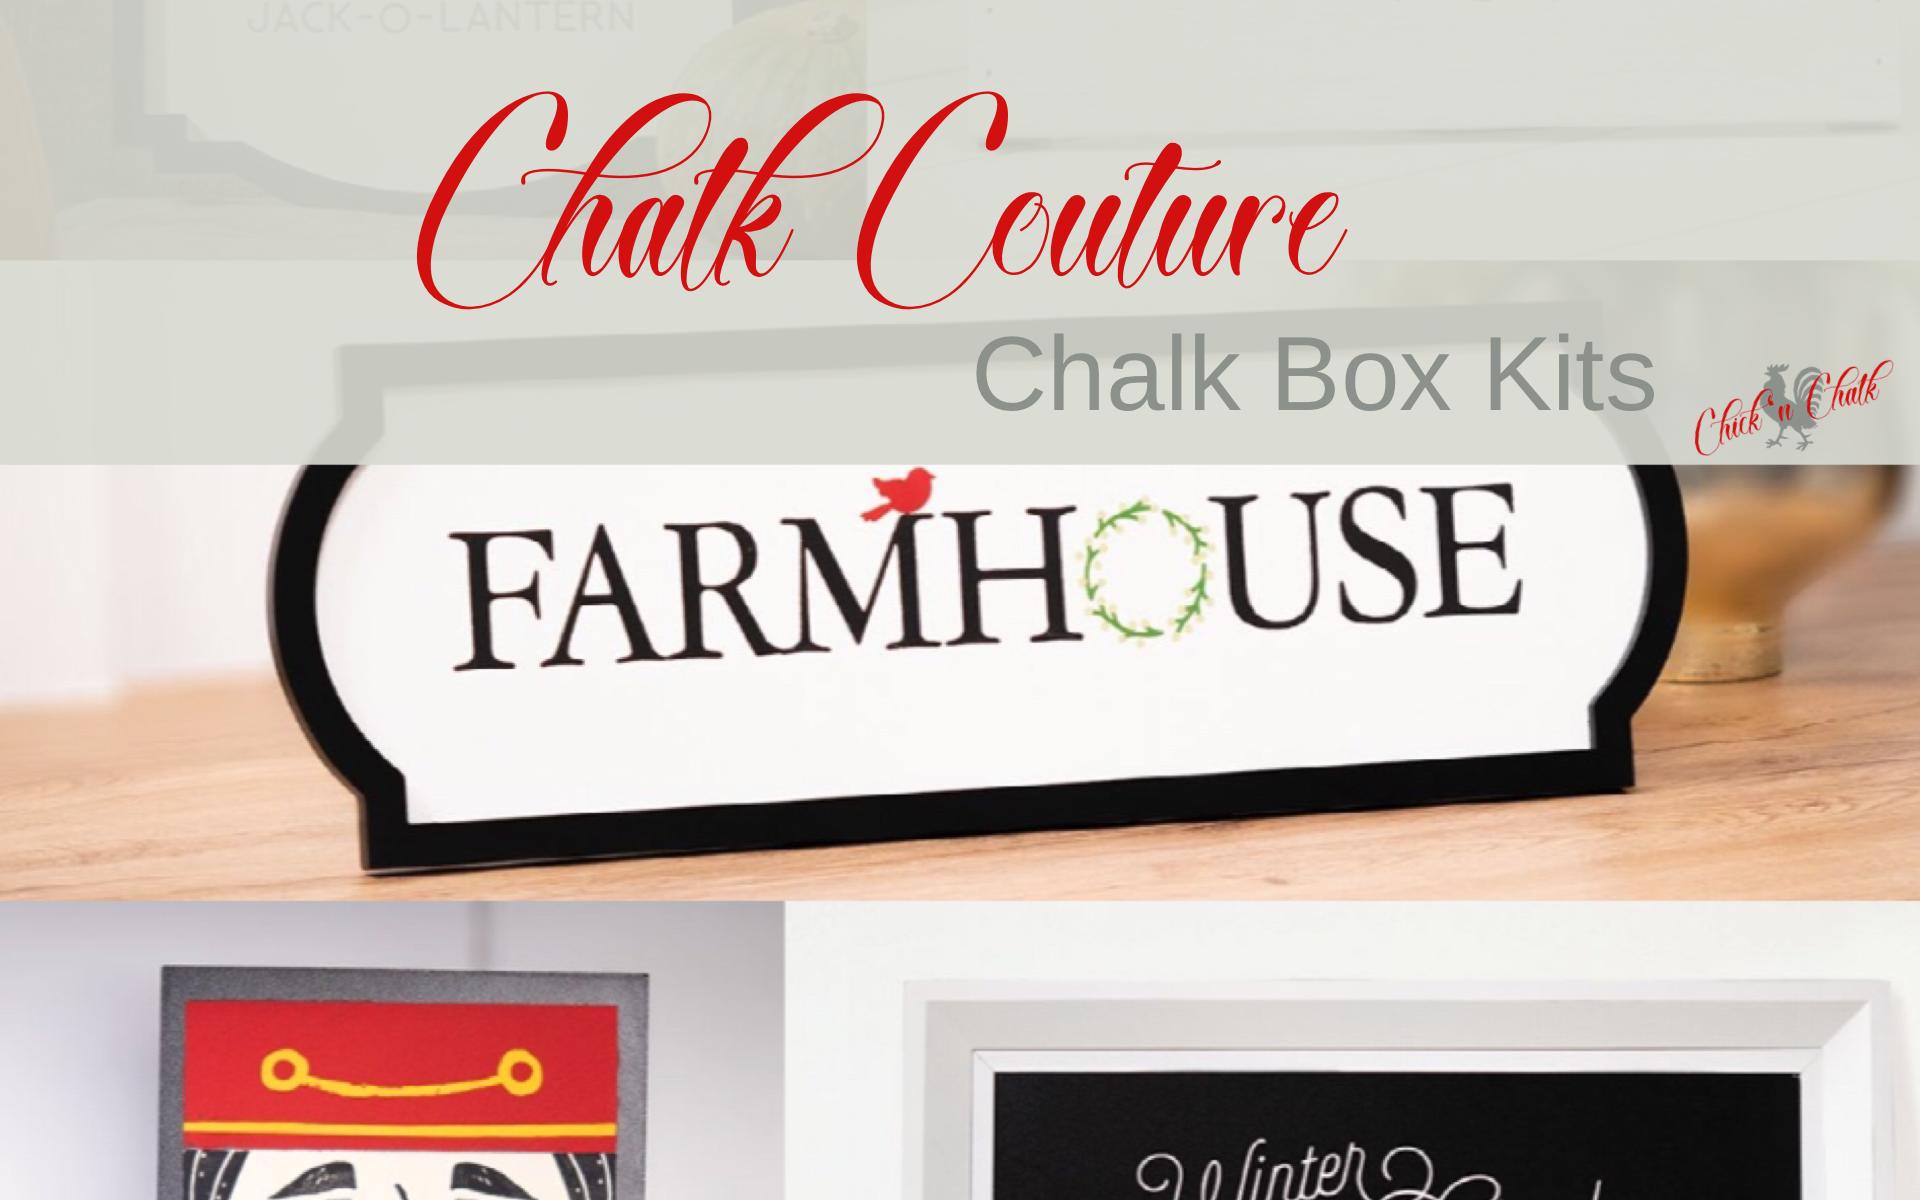 Chalk Box kit